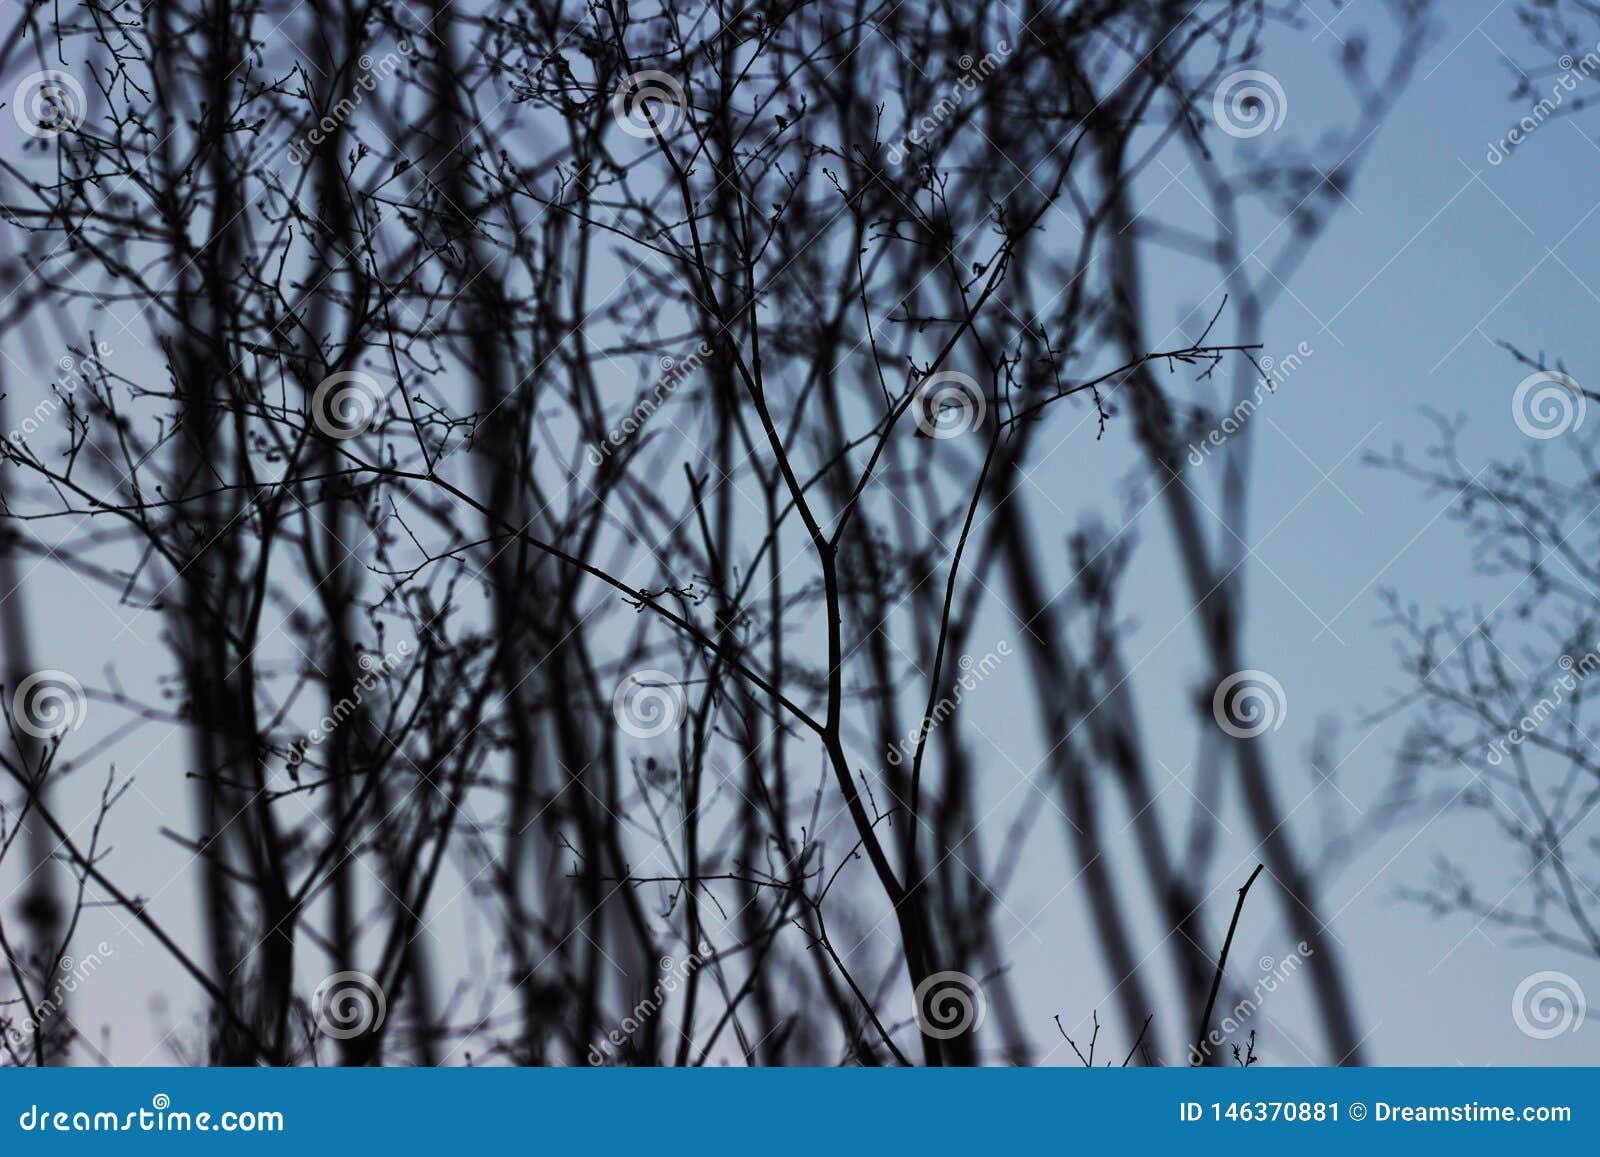 Μπλε ουρανός και εύθραυστοι κλαδίσκοι